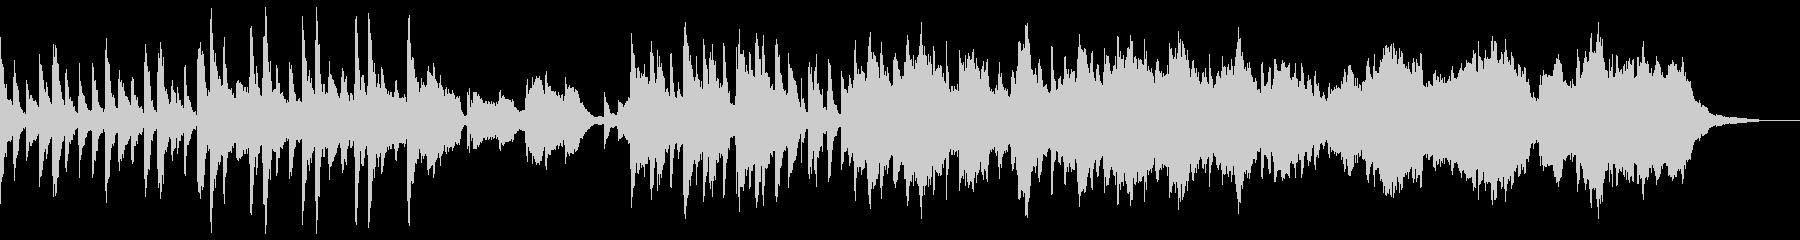 琴と尺八のくつろぎ和風ヒーリングの未再生の波形